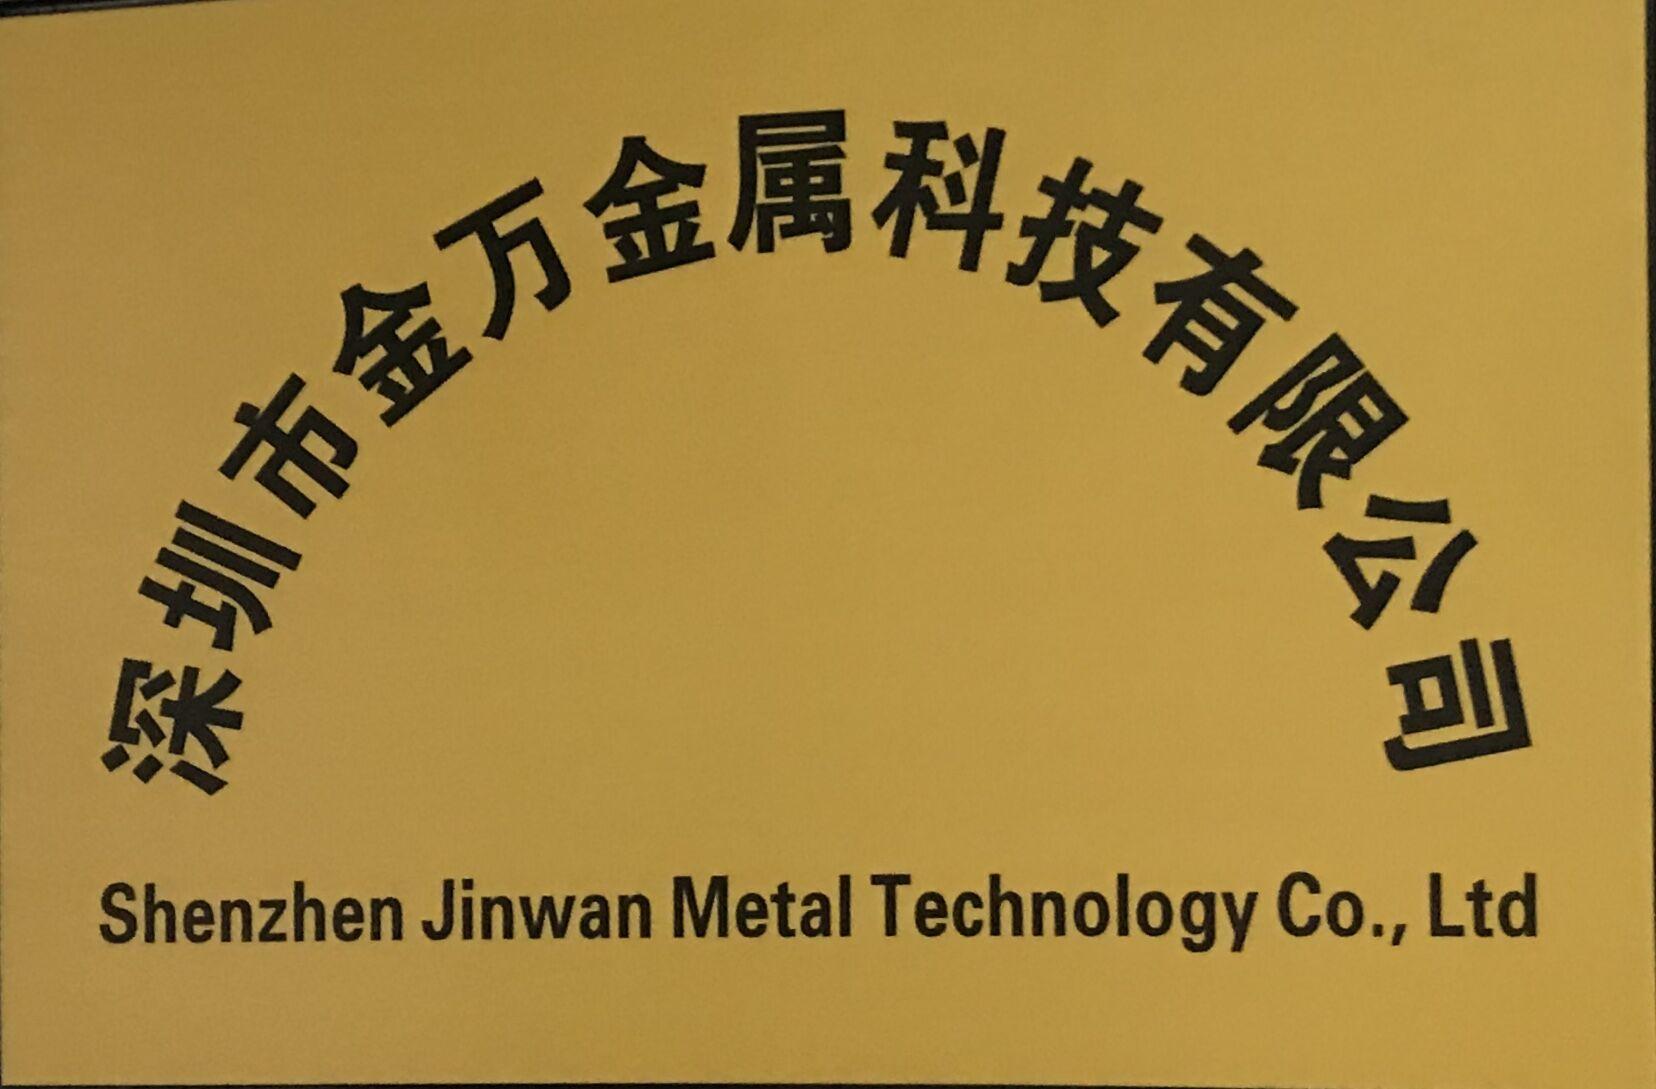 深圳市金萬金屬科技有限公司